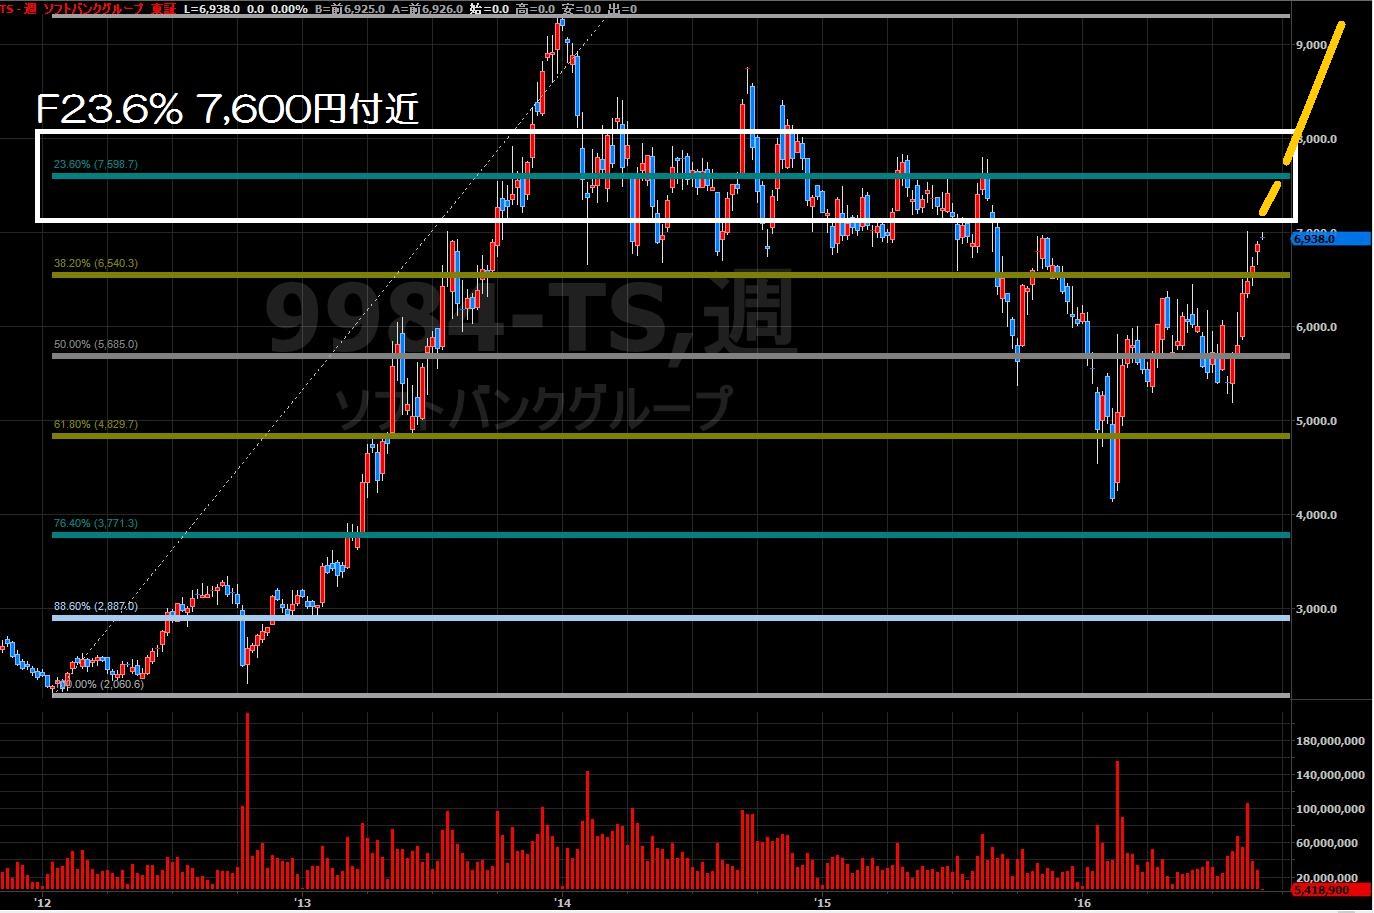 16.9.6ソフトバンク株価-上昇シナリオ-min